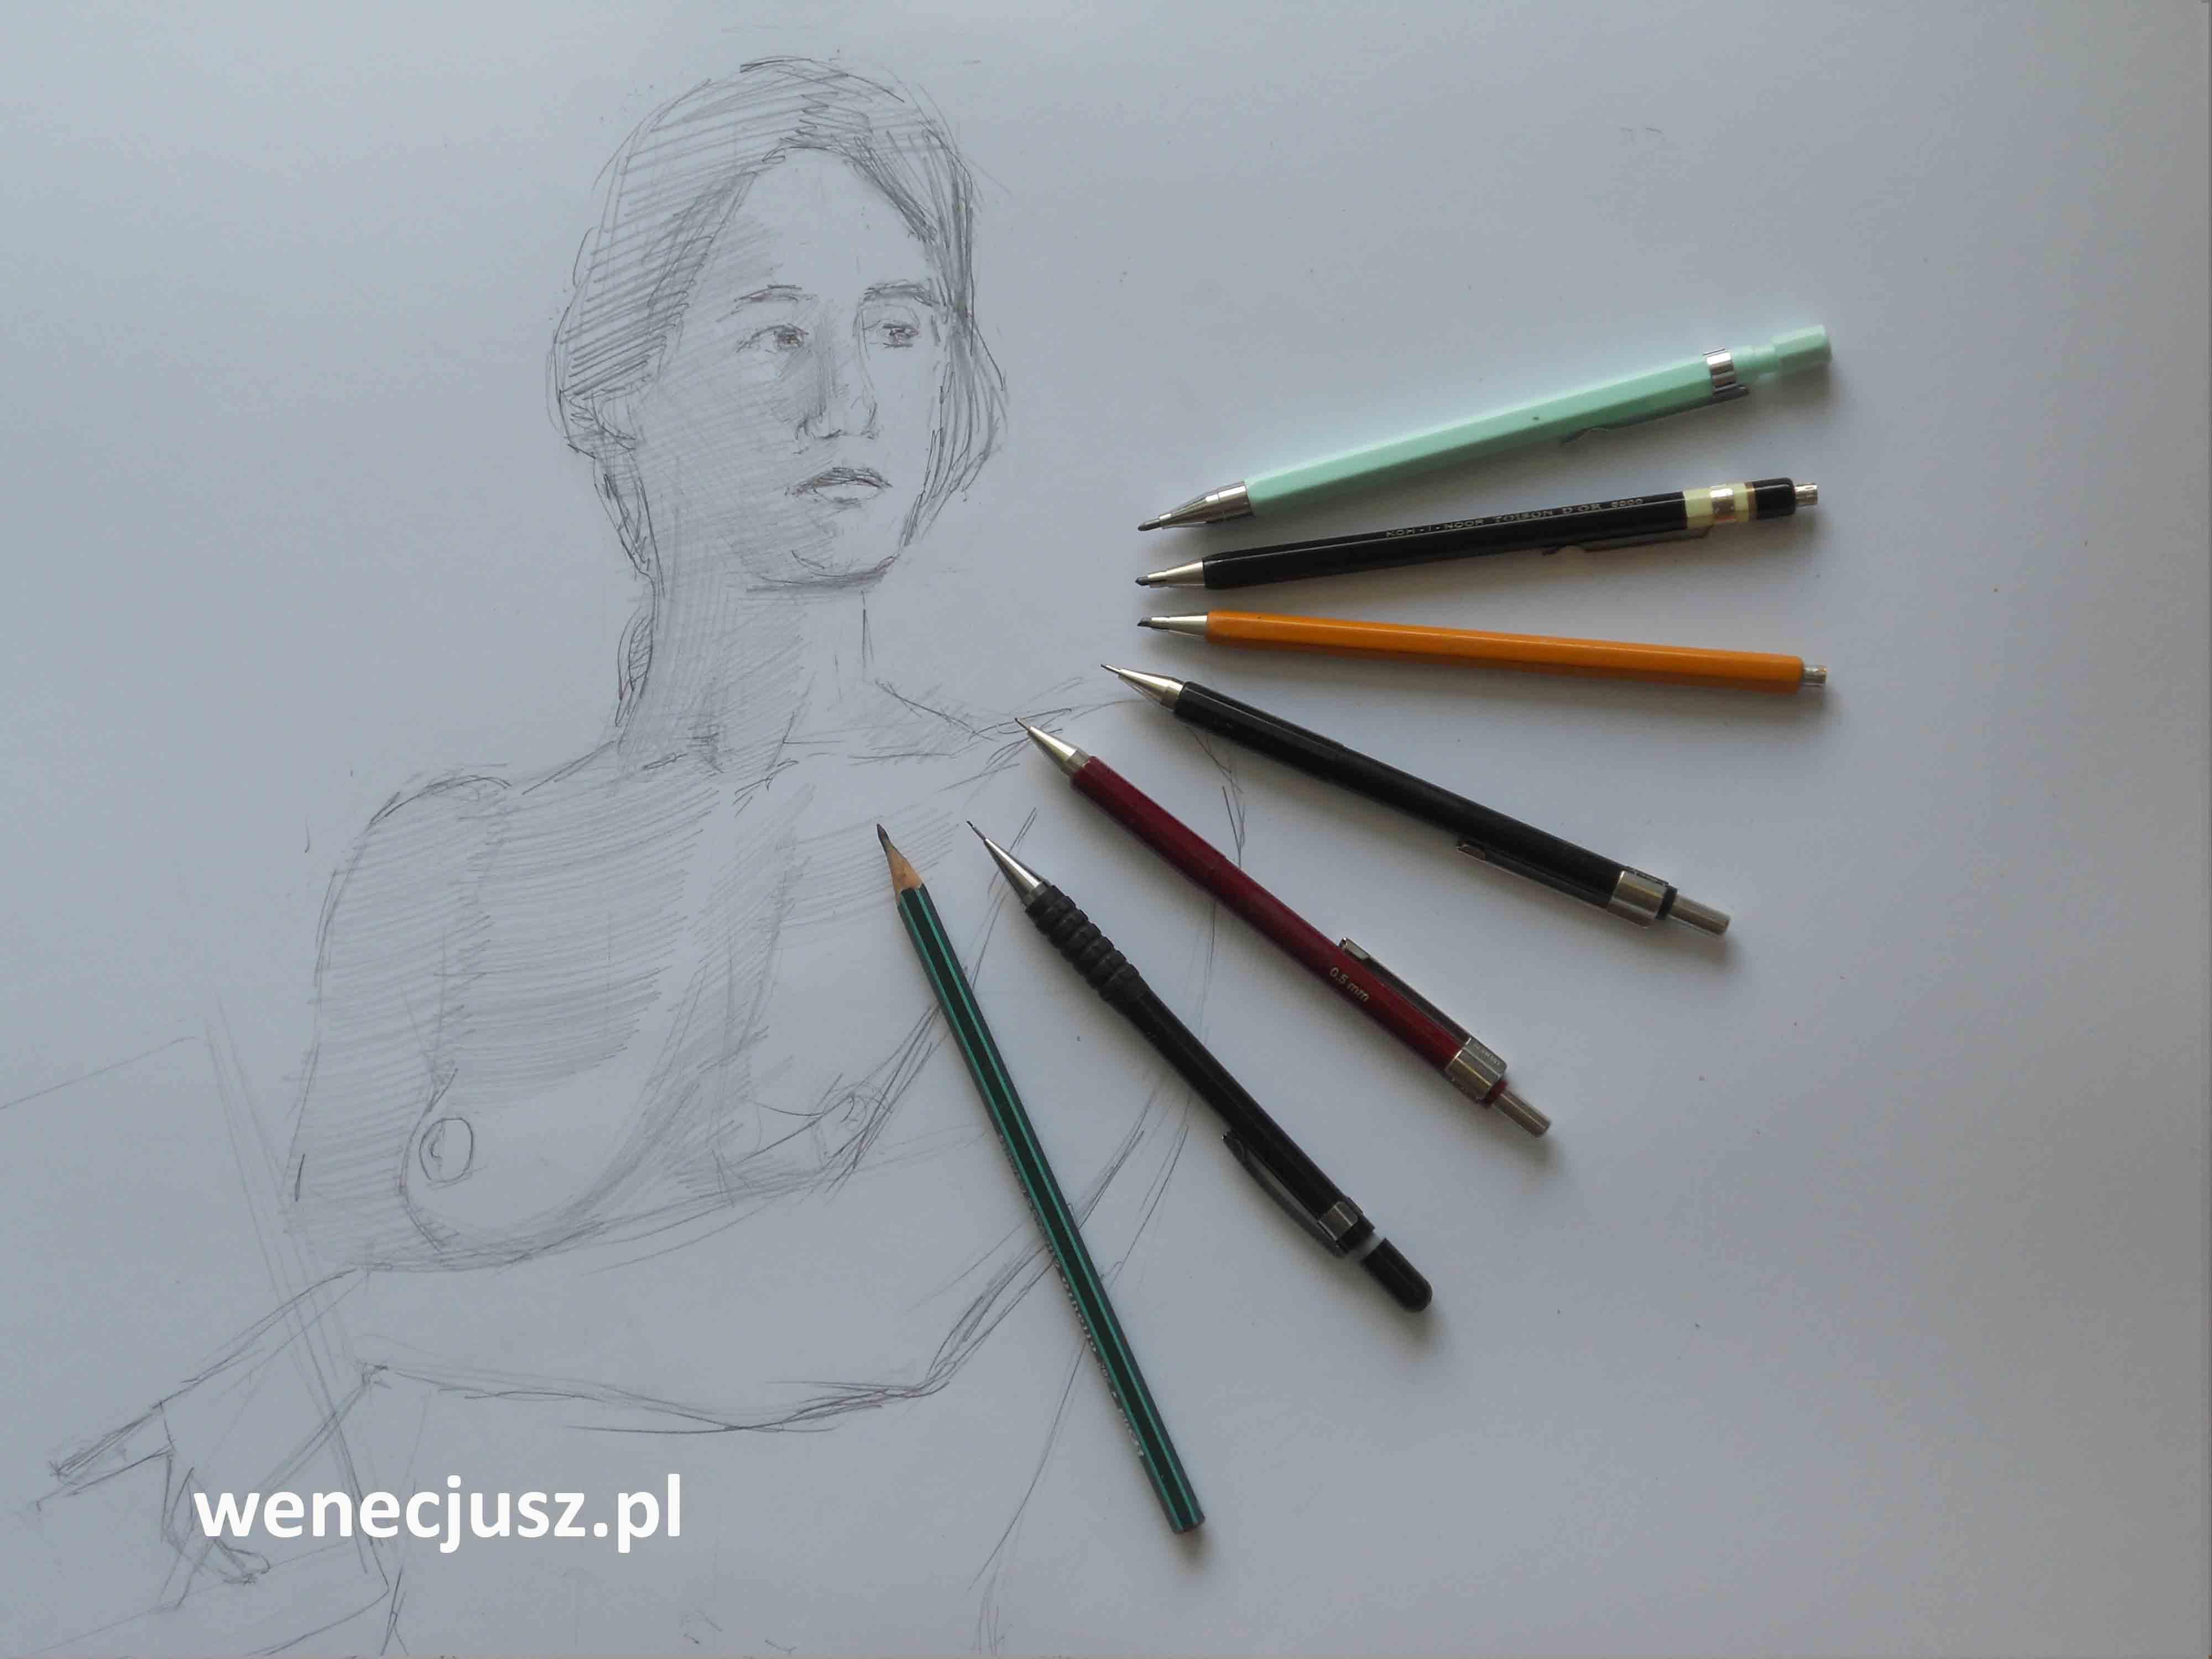 Czym rysujemy, czyli jaki ołówek do rysunku